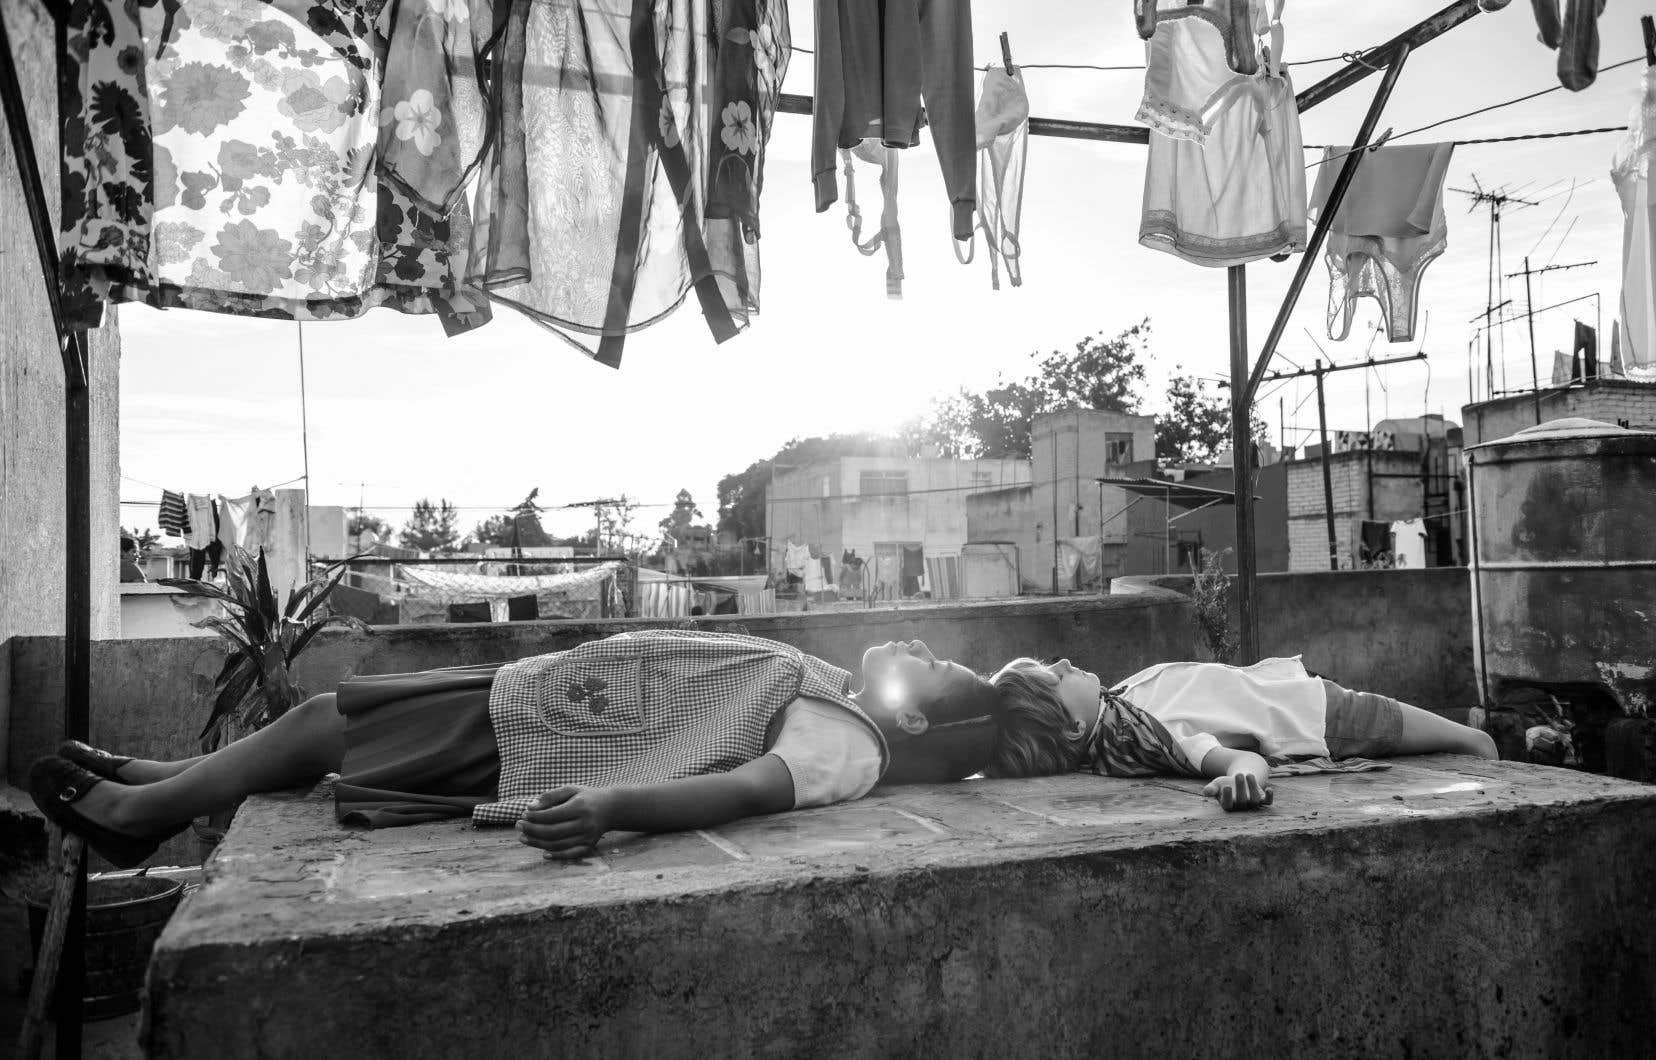 Intimiste, le film «Roma» recrée le Mexico des années 1970 sur de lancinants souvenirs d'enfance d'Alfonso Cuarón.